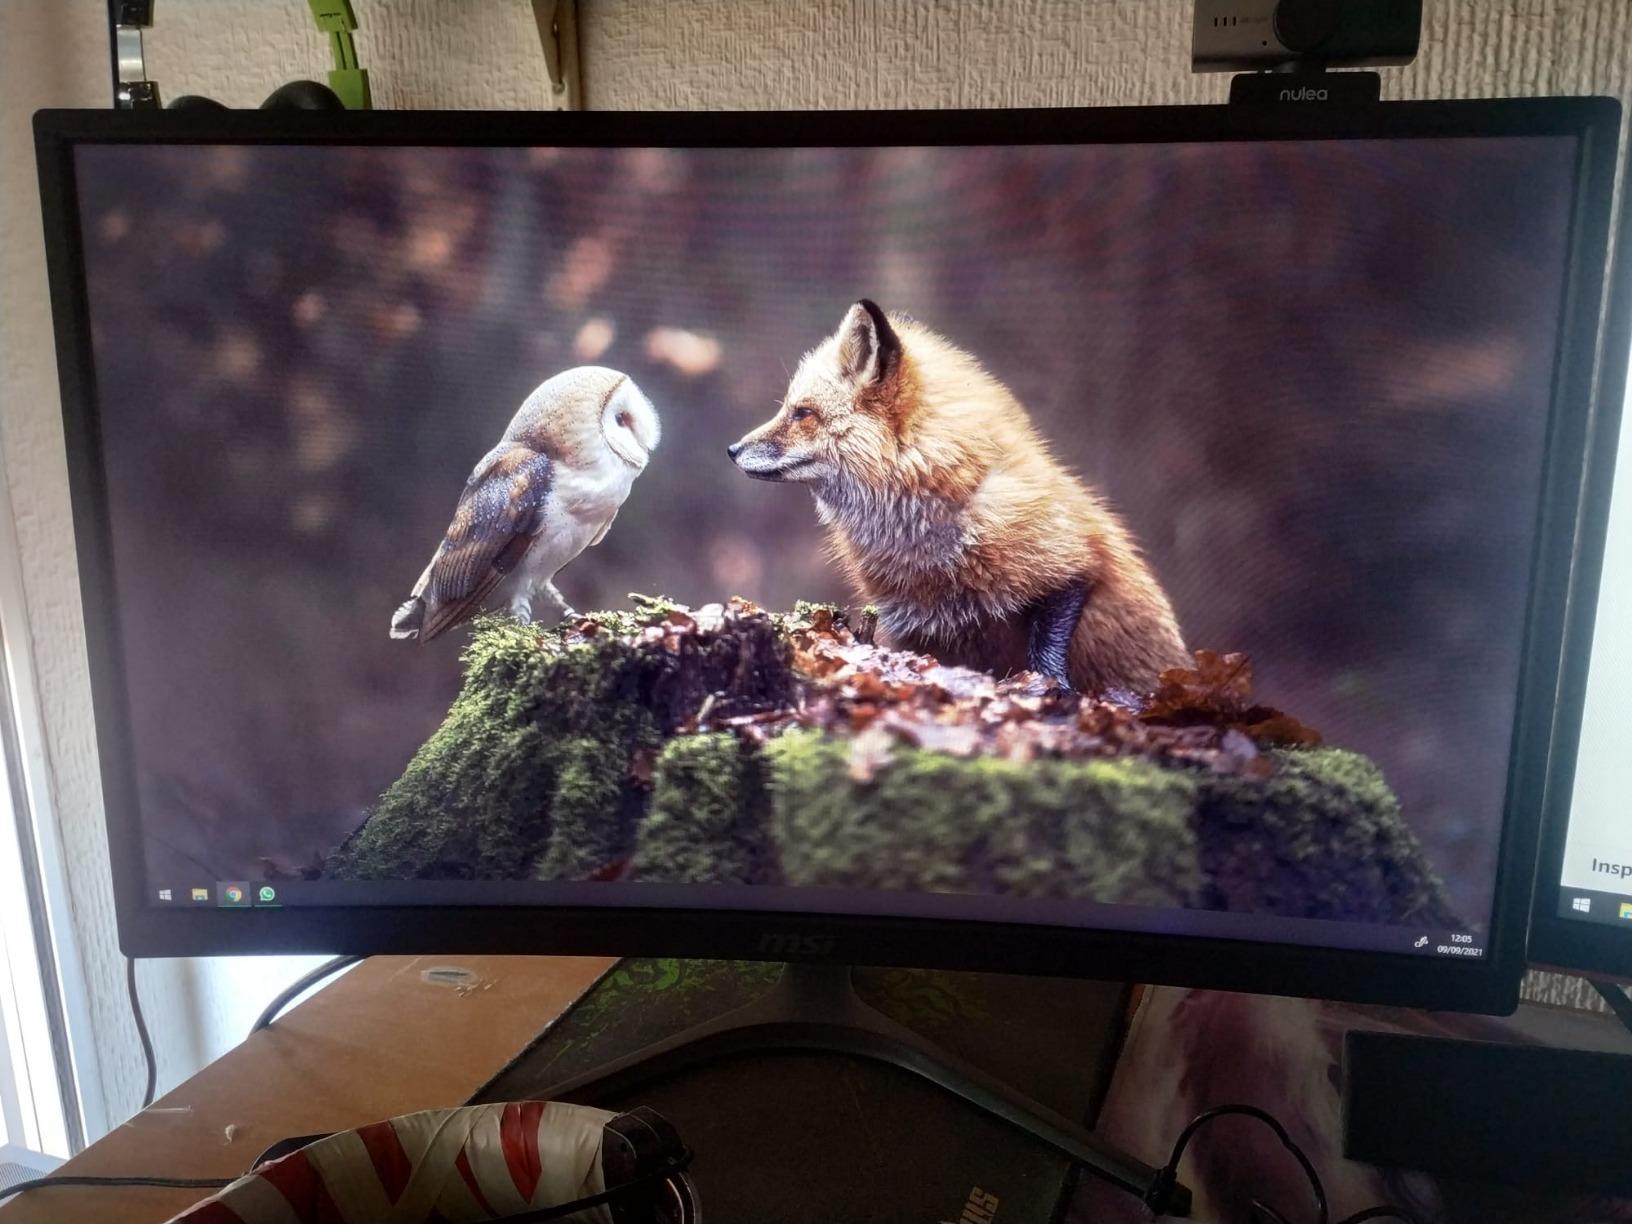 """MSI Optix G272 - Monitor de 27"""" FullHD 144Hz (1920x1080p, ratio 16:9, Panel IPS, 1 ms respuesta, brillo 250 nits, Anti-glare) negro, compatible con consolas"""